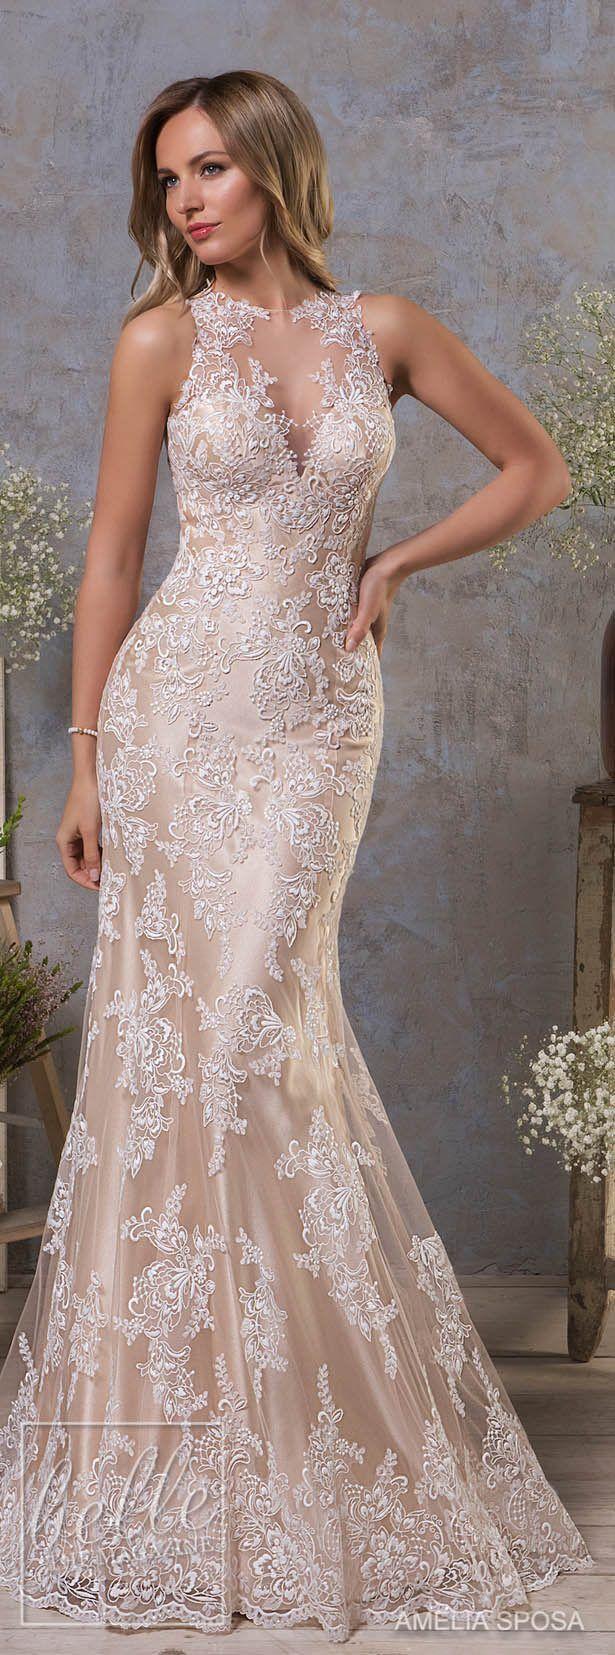 Amelia sposa fall wedding dresses amelia sposa amelia and